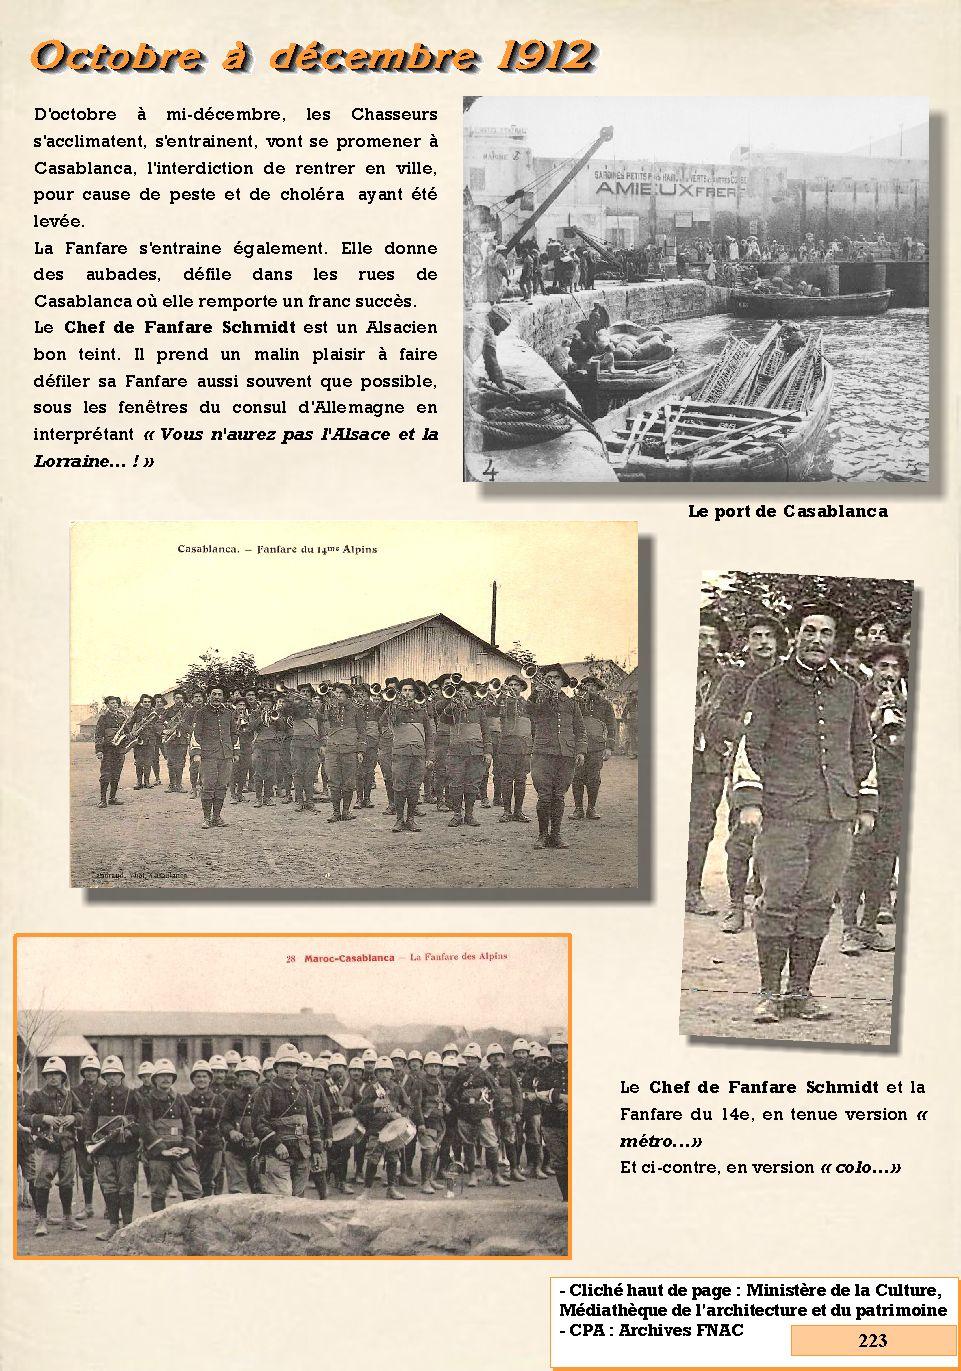 L'Historique du 14e Bataillon de Chasseurs. 1854 - 1962 223_pa10